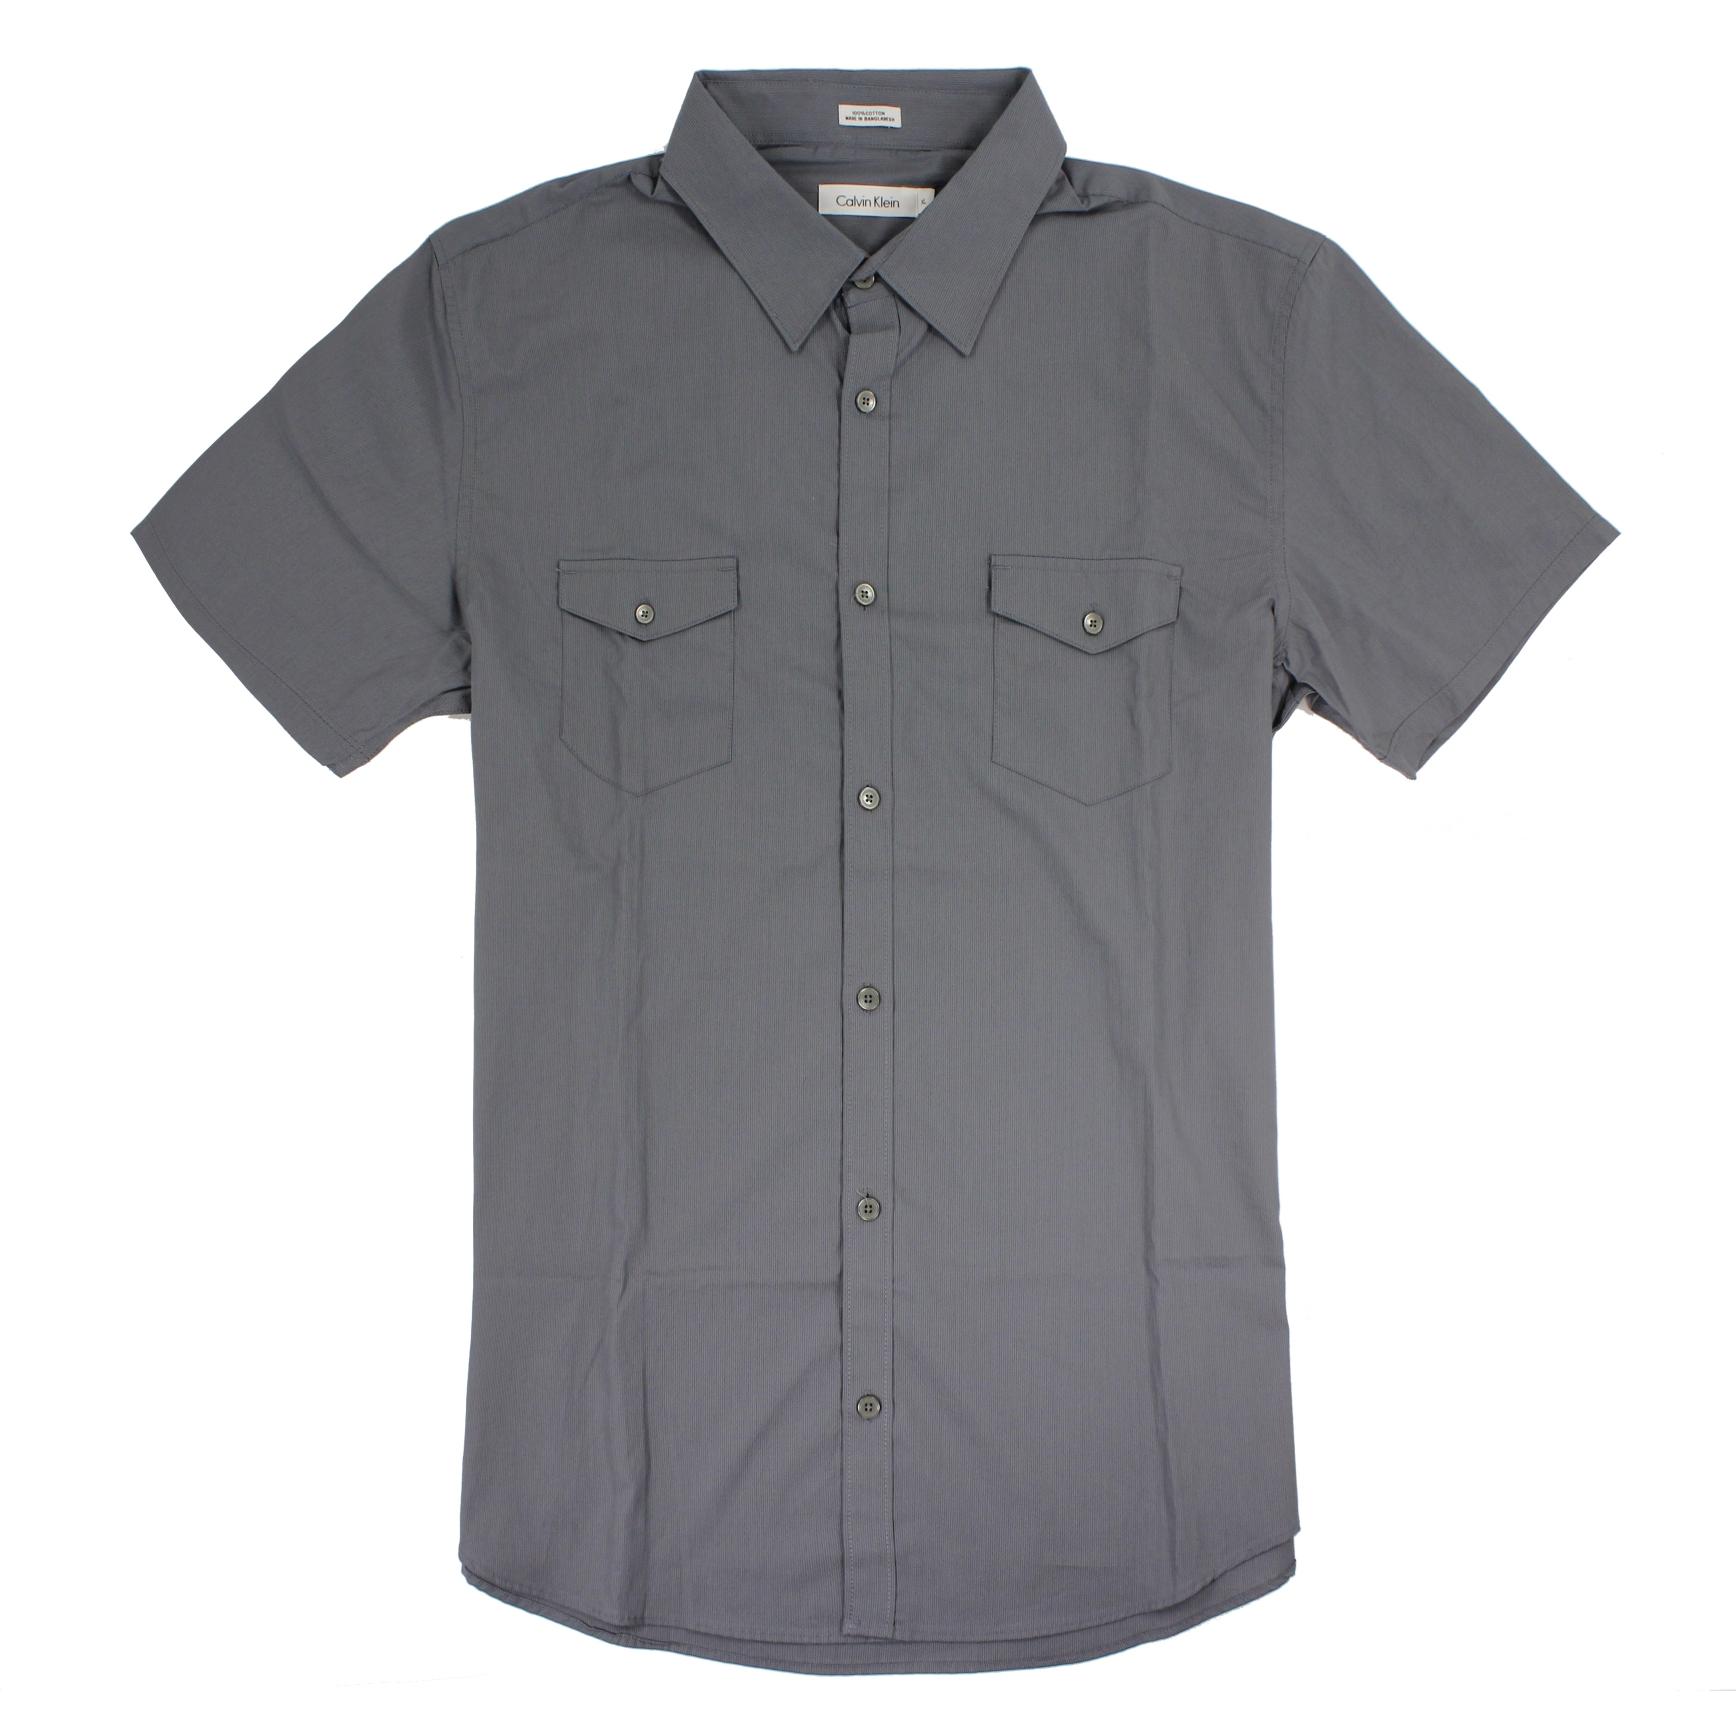 美國百分百【全新真品】Calvin Klein 襯衫 CK 男衣 短袖 條紋 休閒 上衣 XL號 灰色 E202